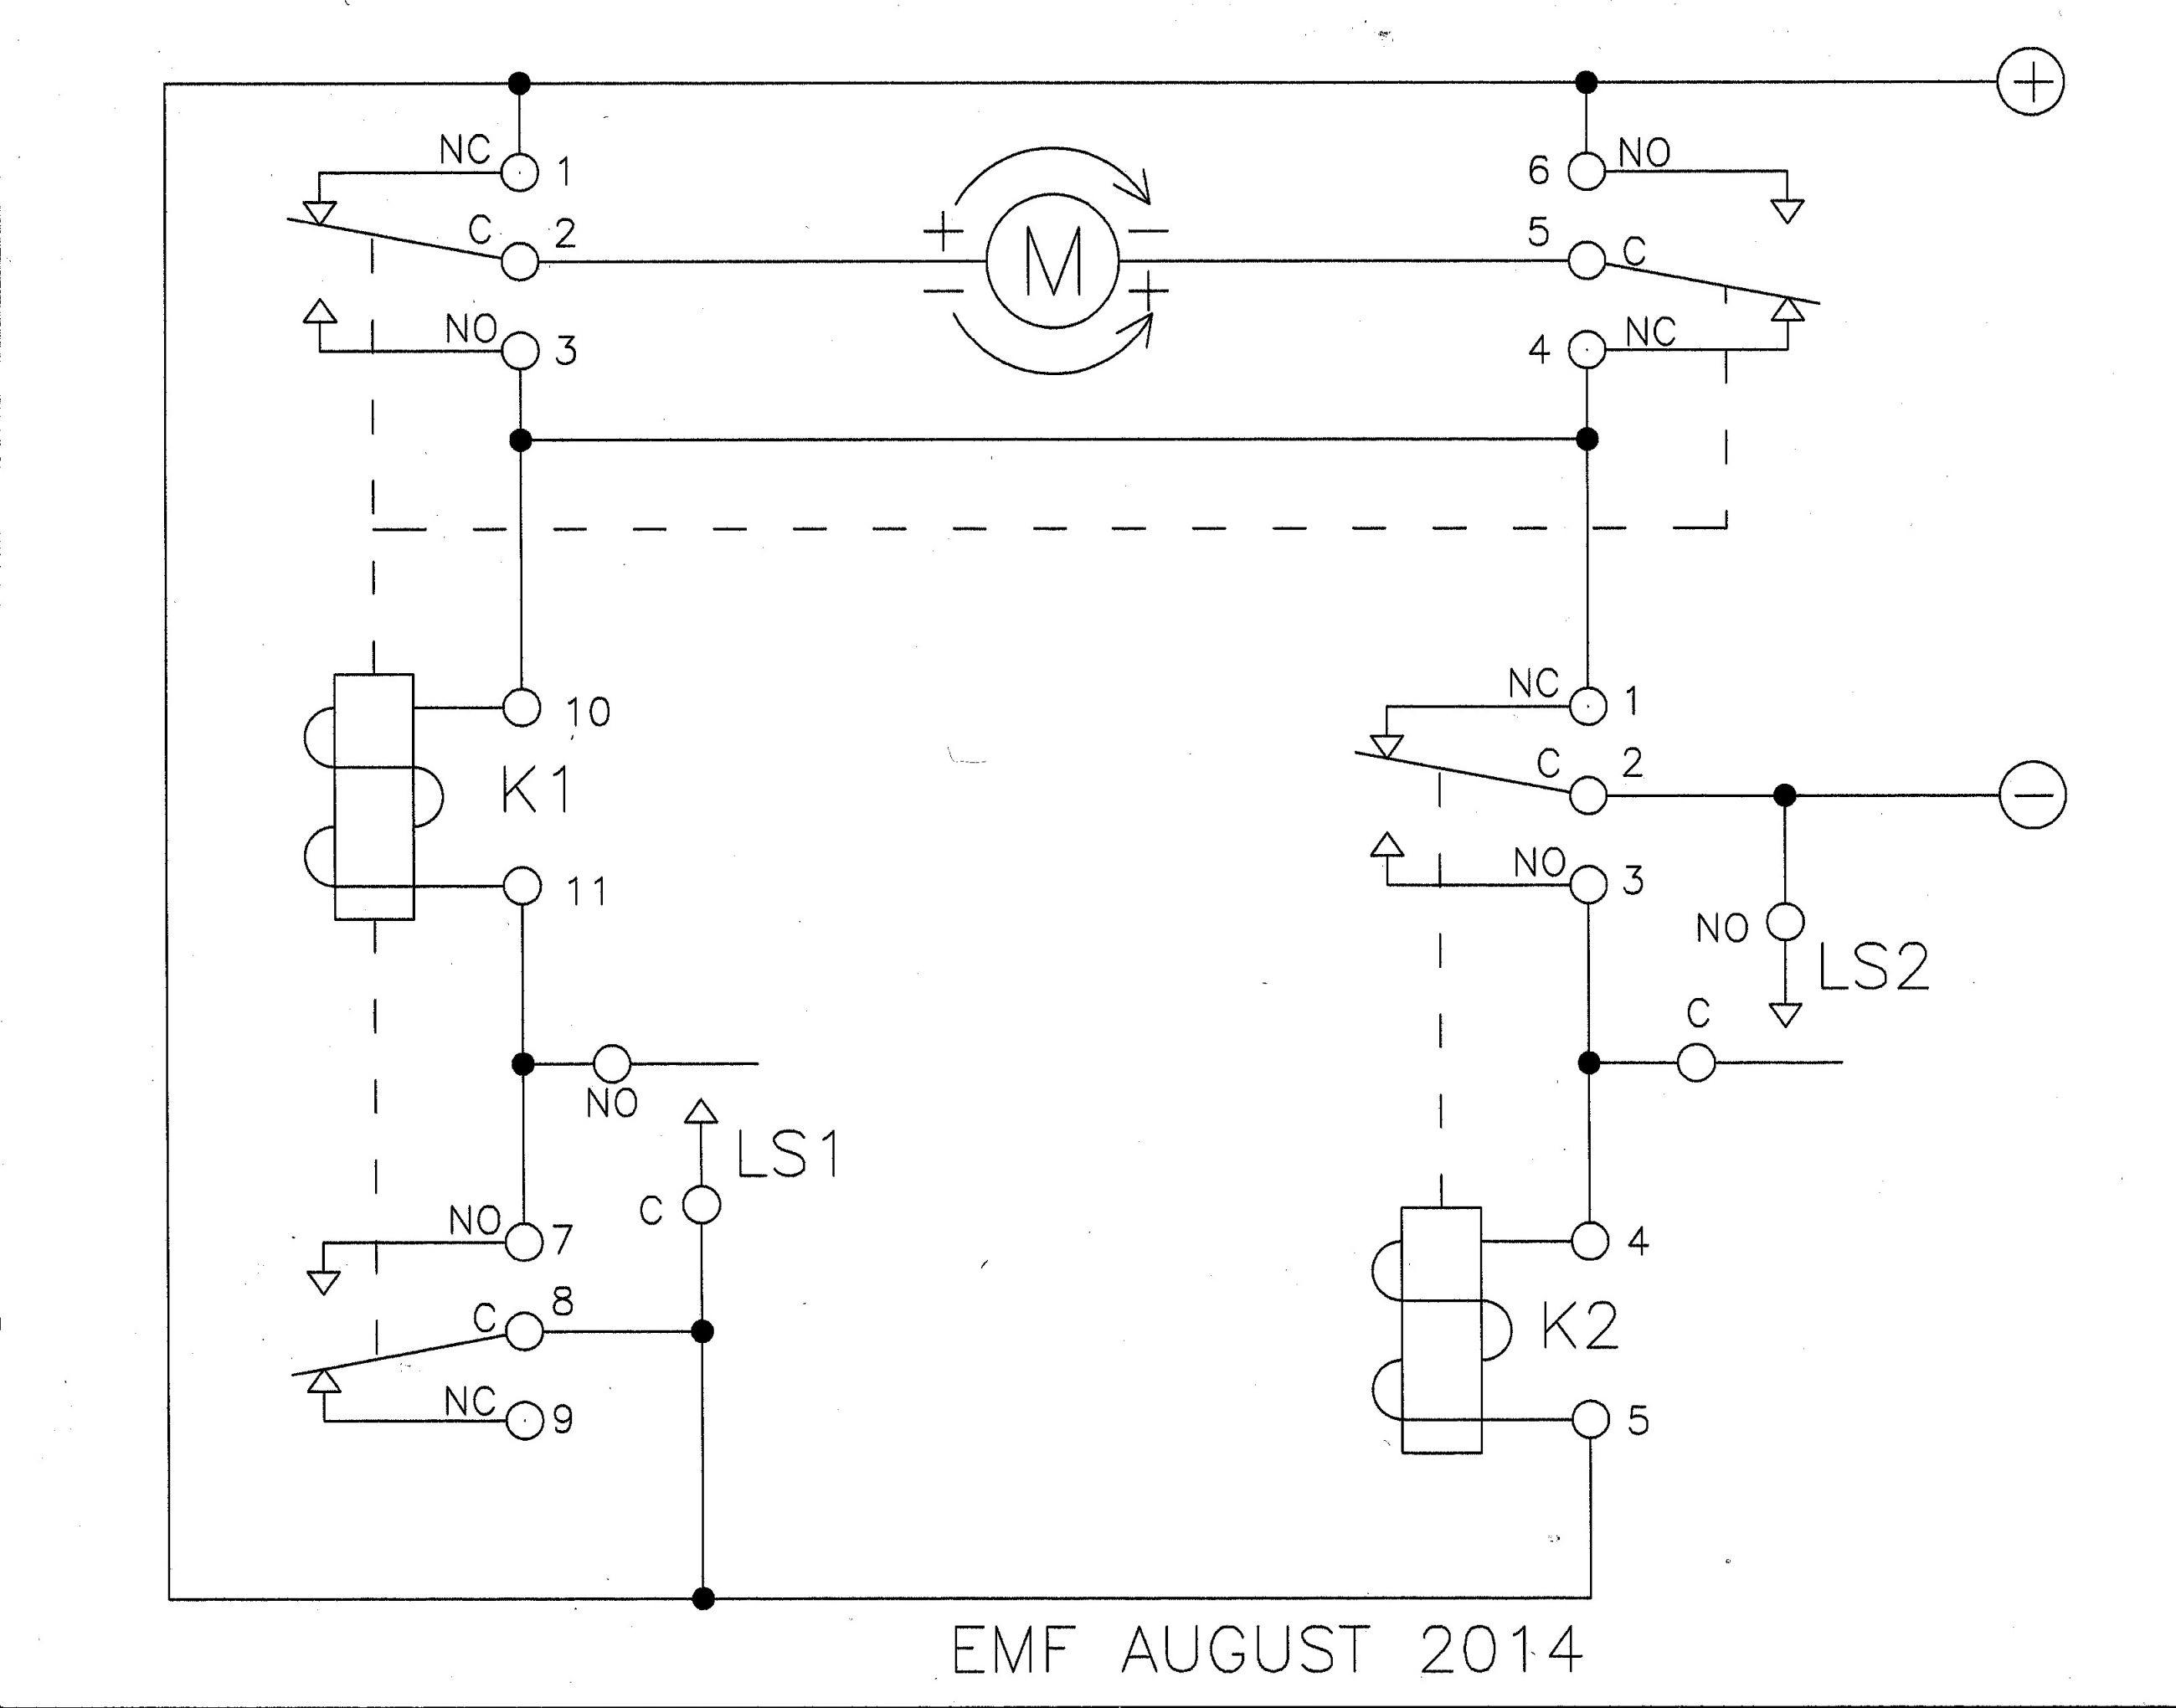 Top 10 Punto Medio Noticias | Dpdt Relay Schematic Symbol Nc Relay Wiring Diagrams on